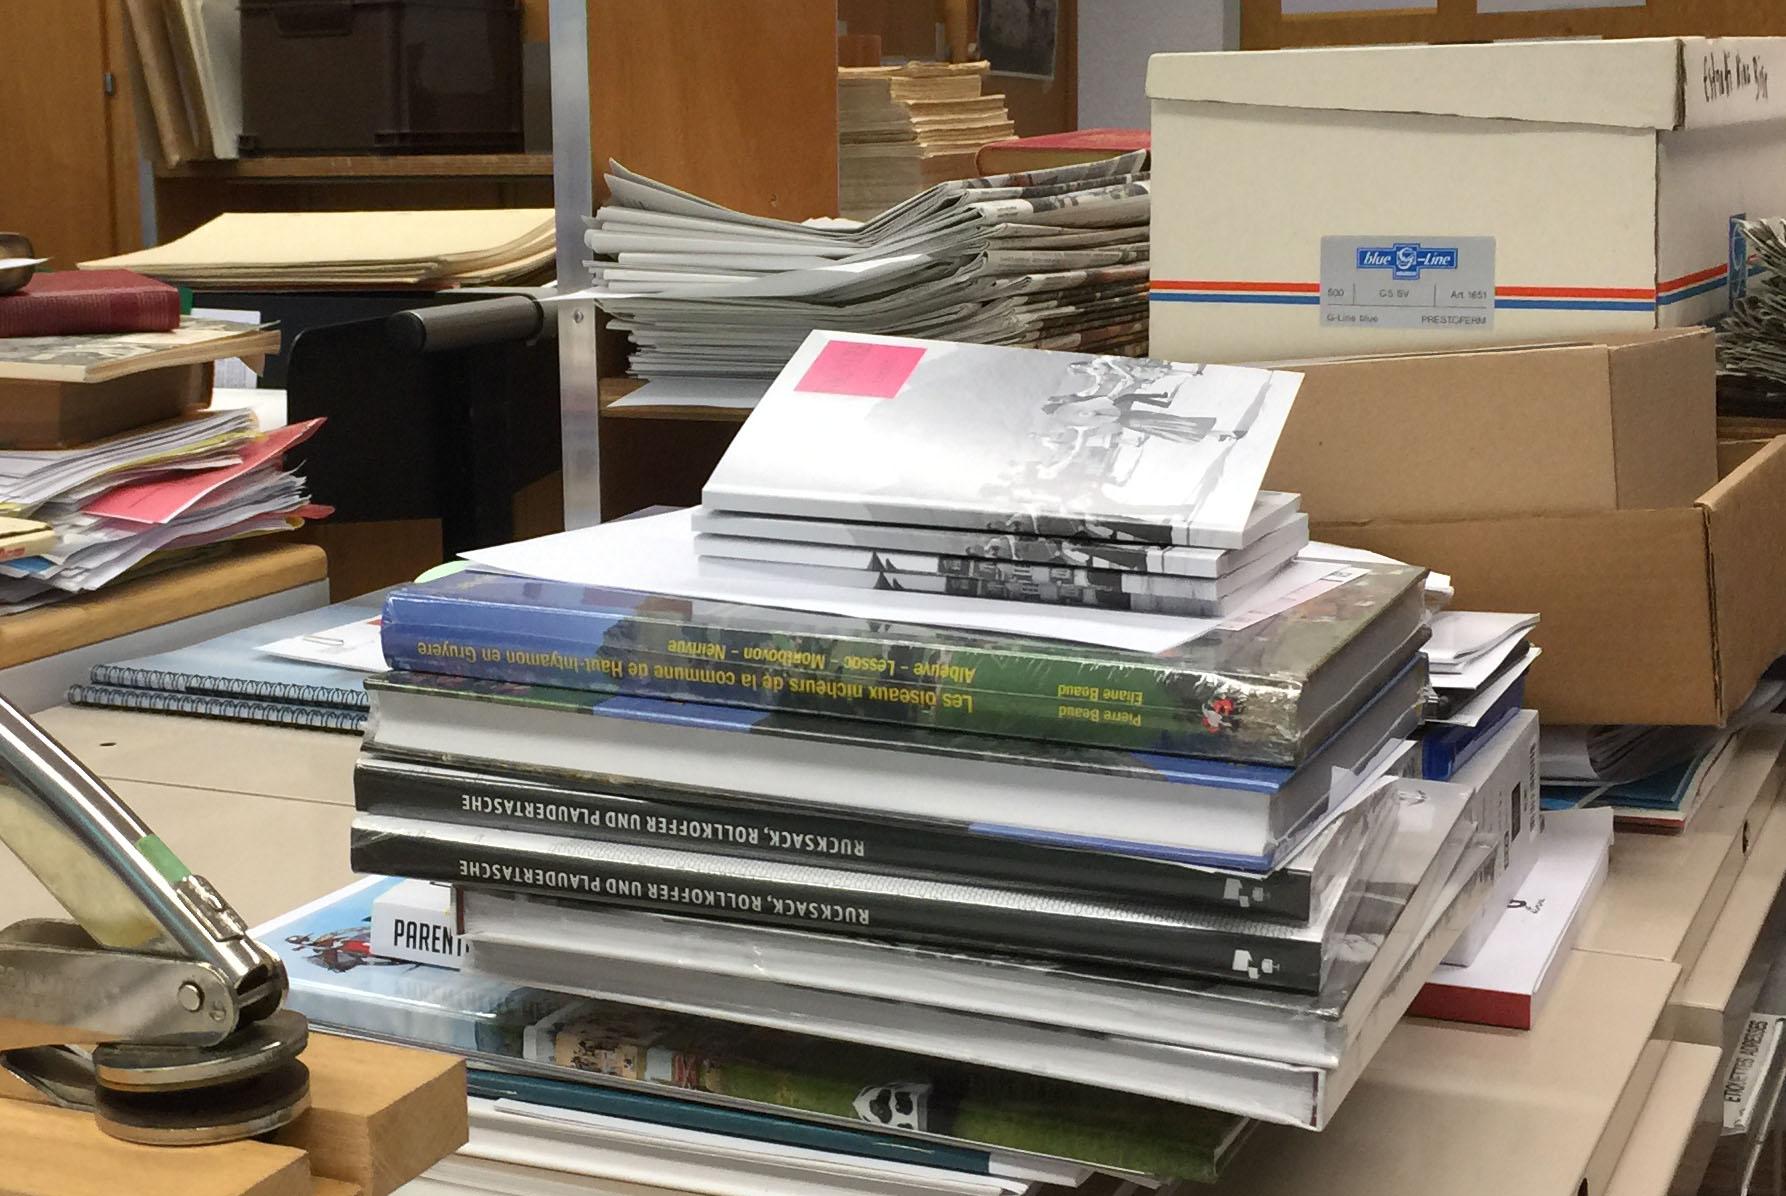 Dépôt légal à la Bibliothèque cantonale et universitaire de Fribourg